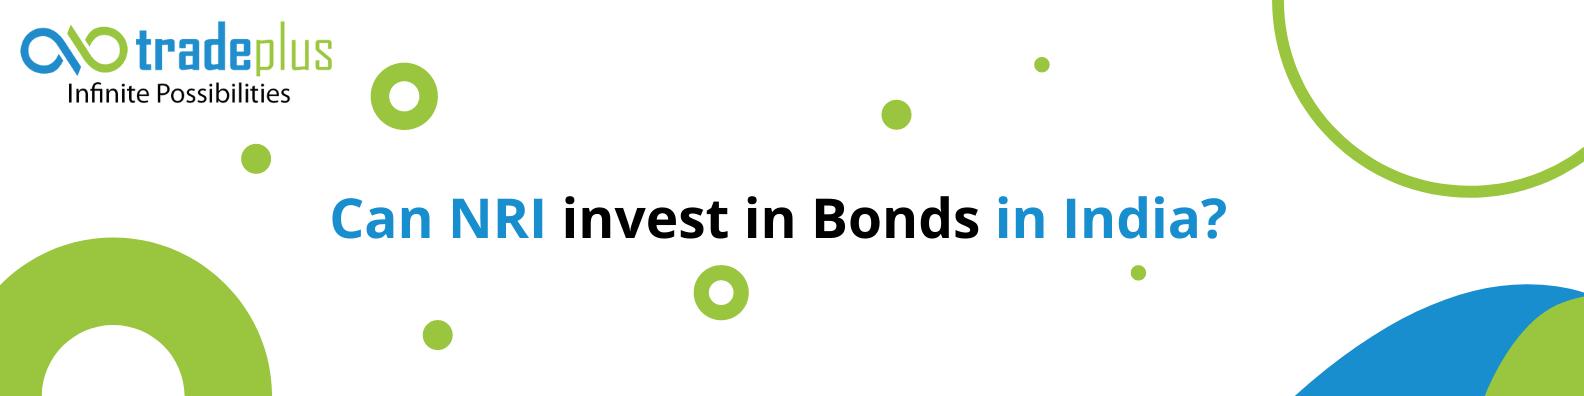 can nri invest in bonds in india Can NRI invest in Bonds in India?